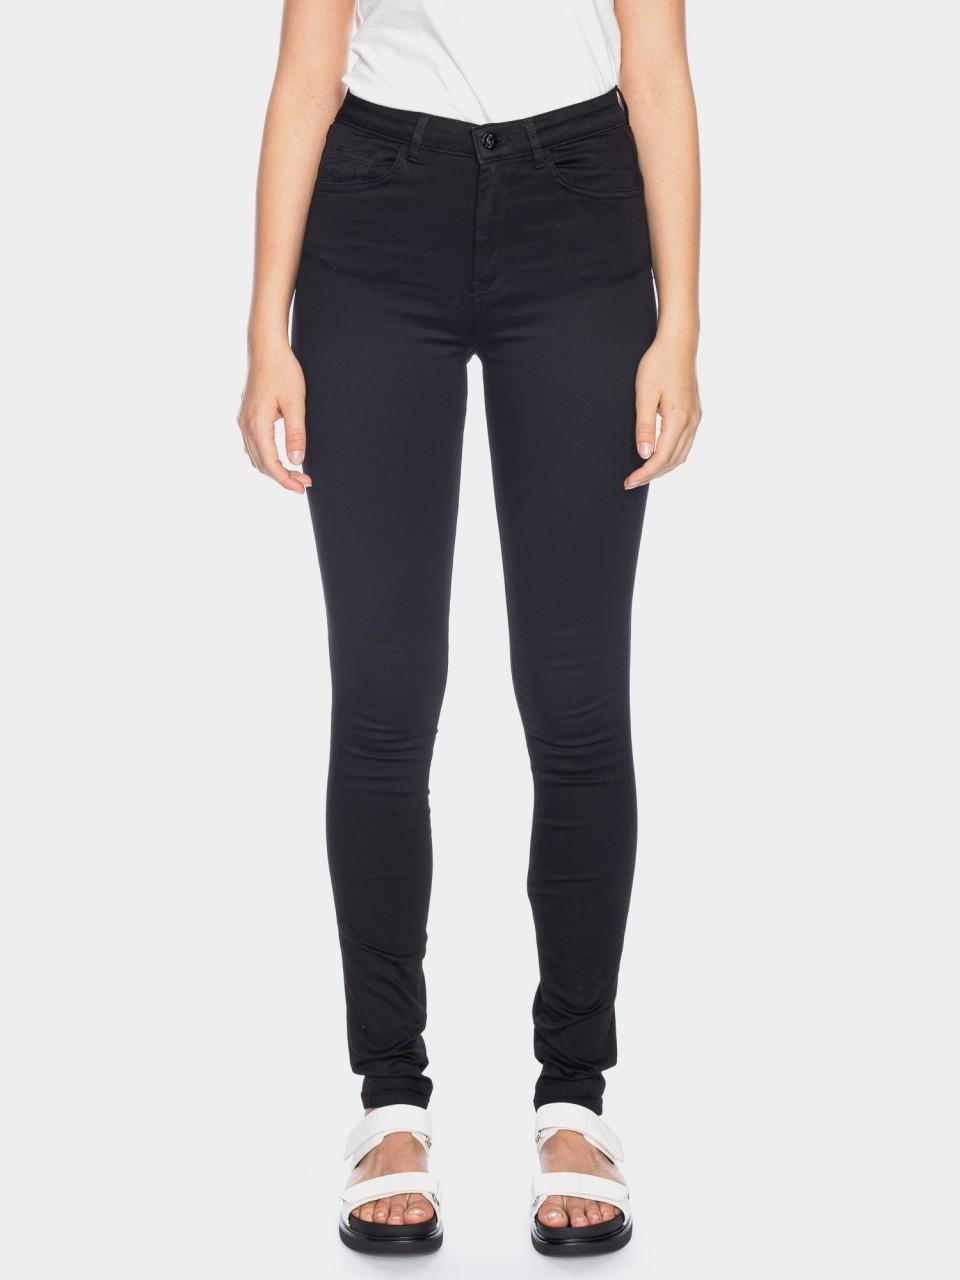 Jeans Fufu Stay Black Pop